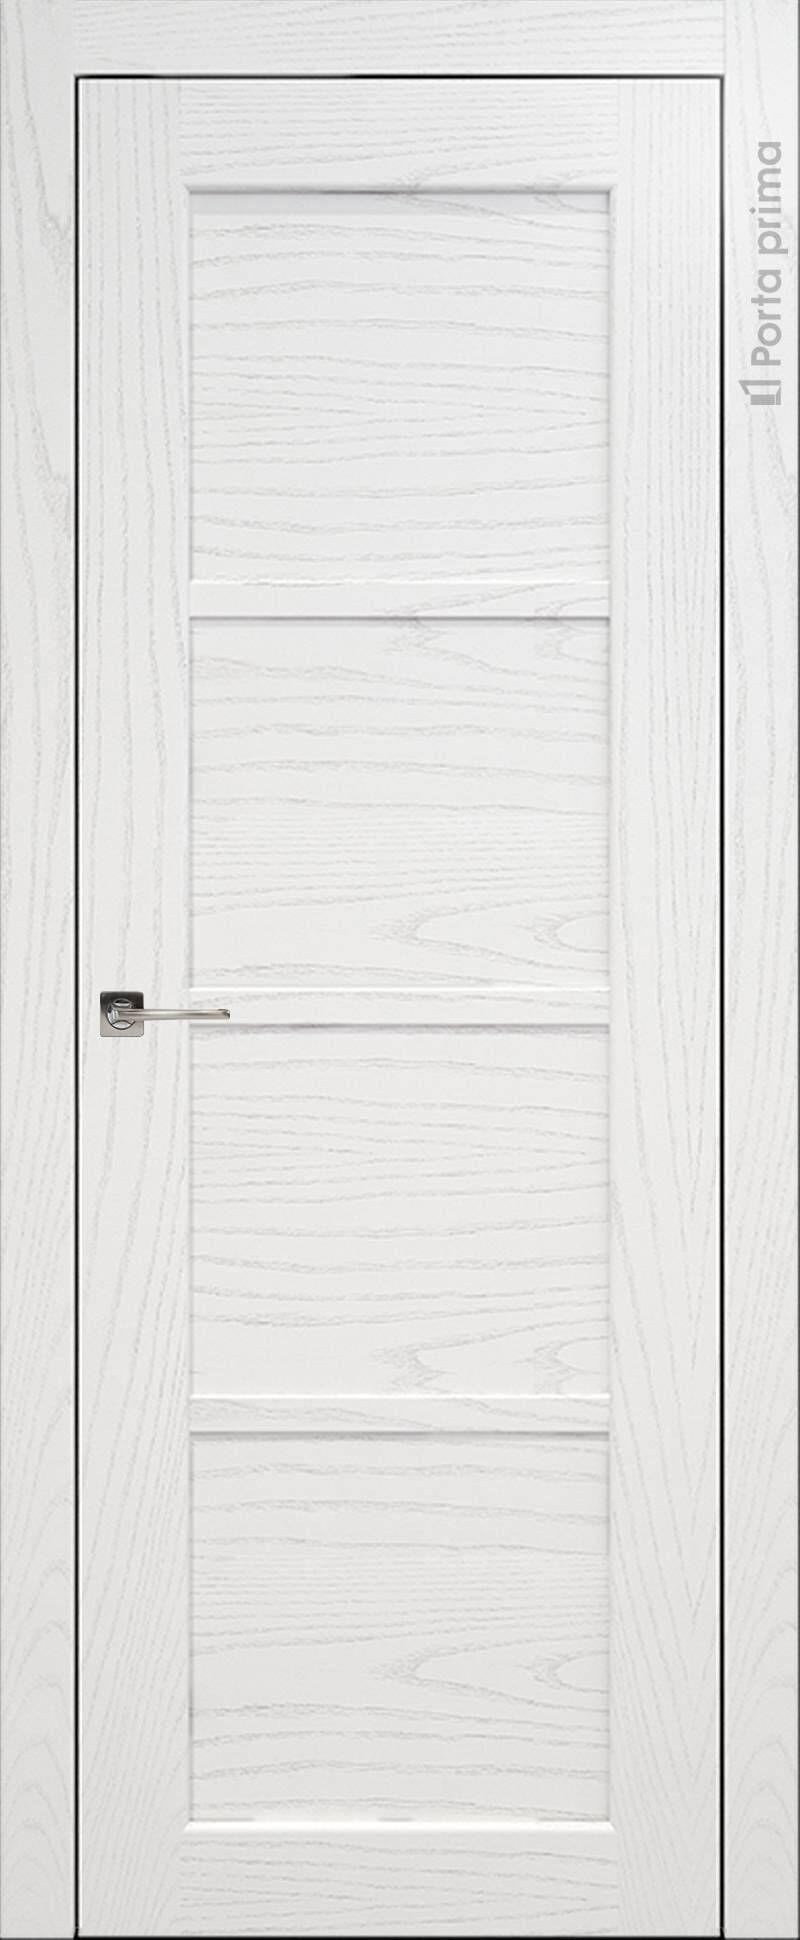 Felicia цвет - Белый ясень (шпон) Без стекла (ДГ)